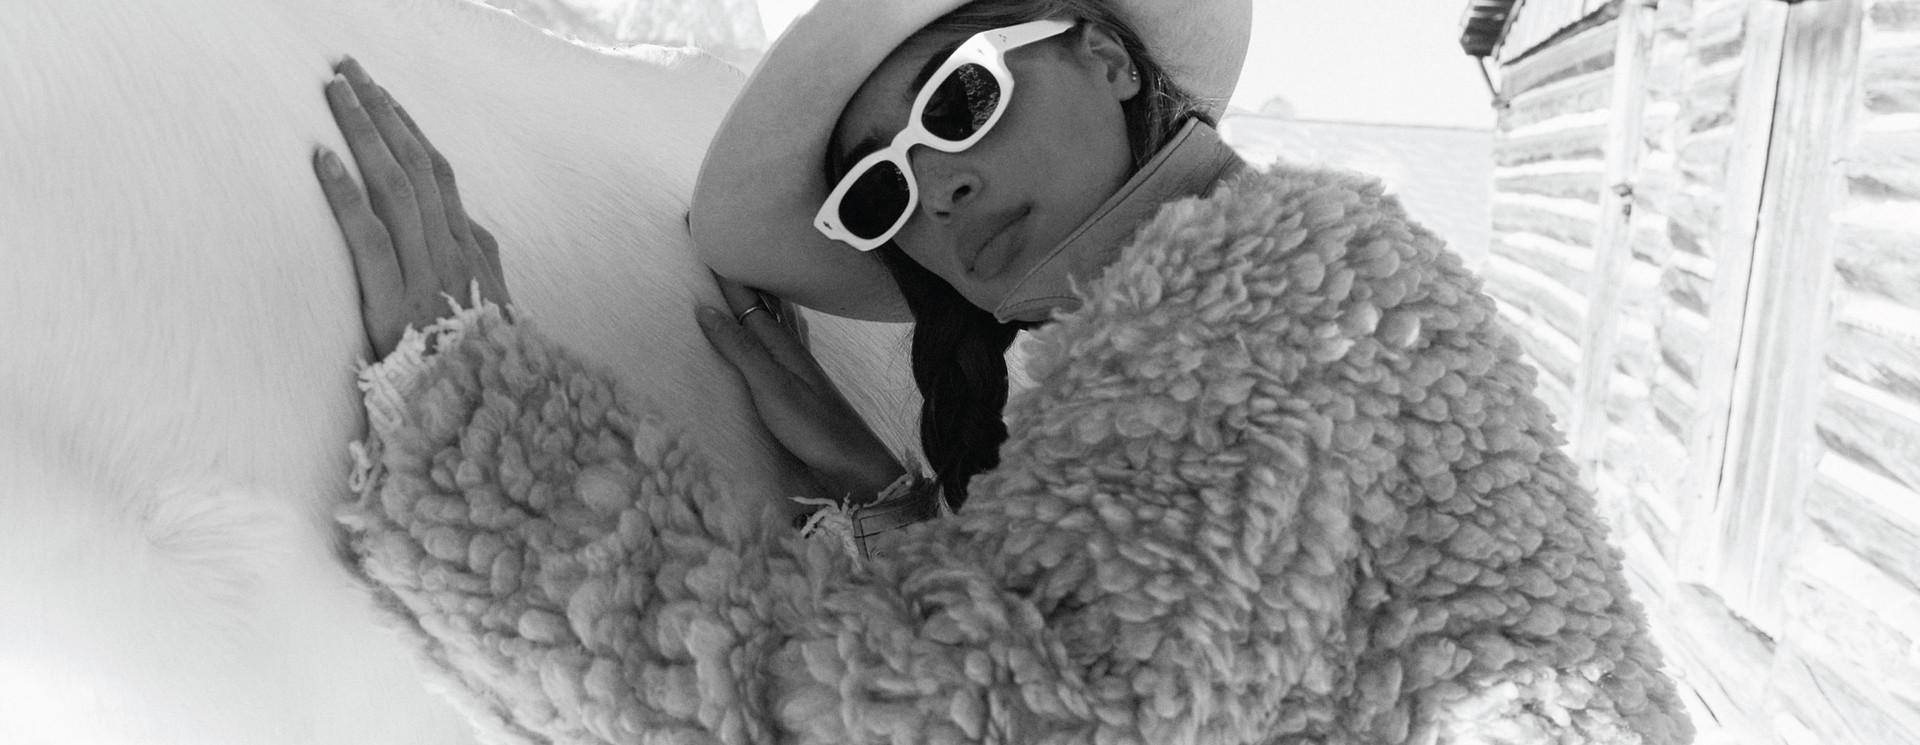 Jacques Marie Mage zonnebrillen